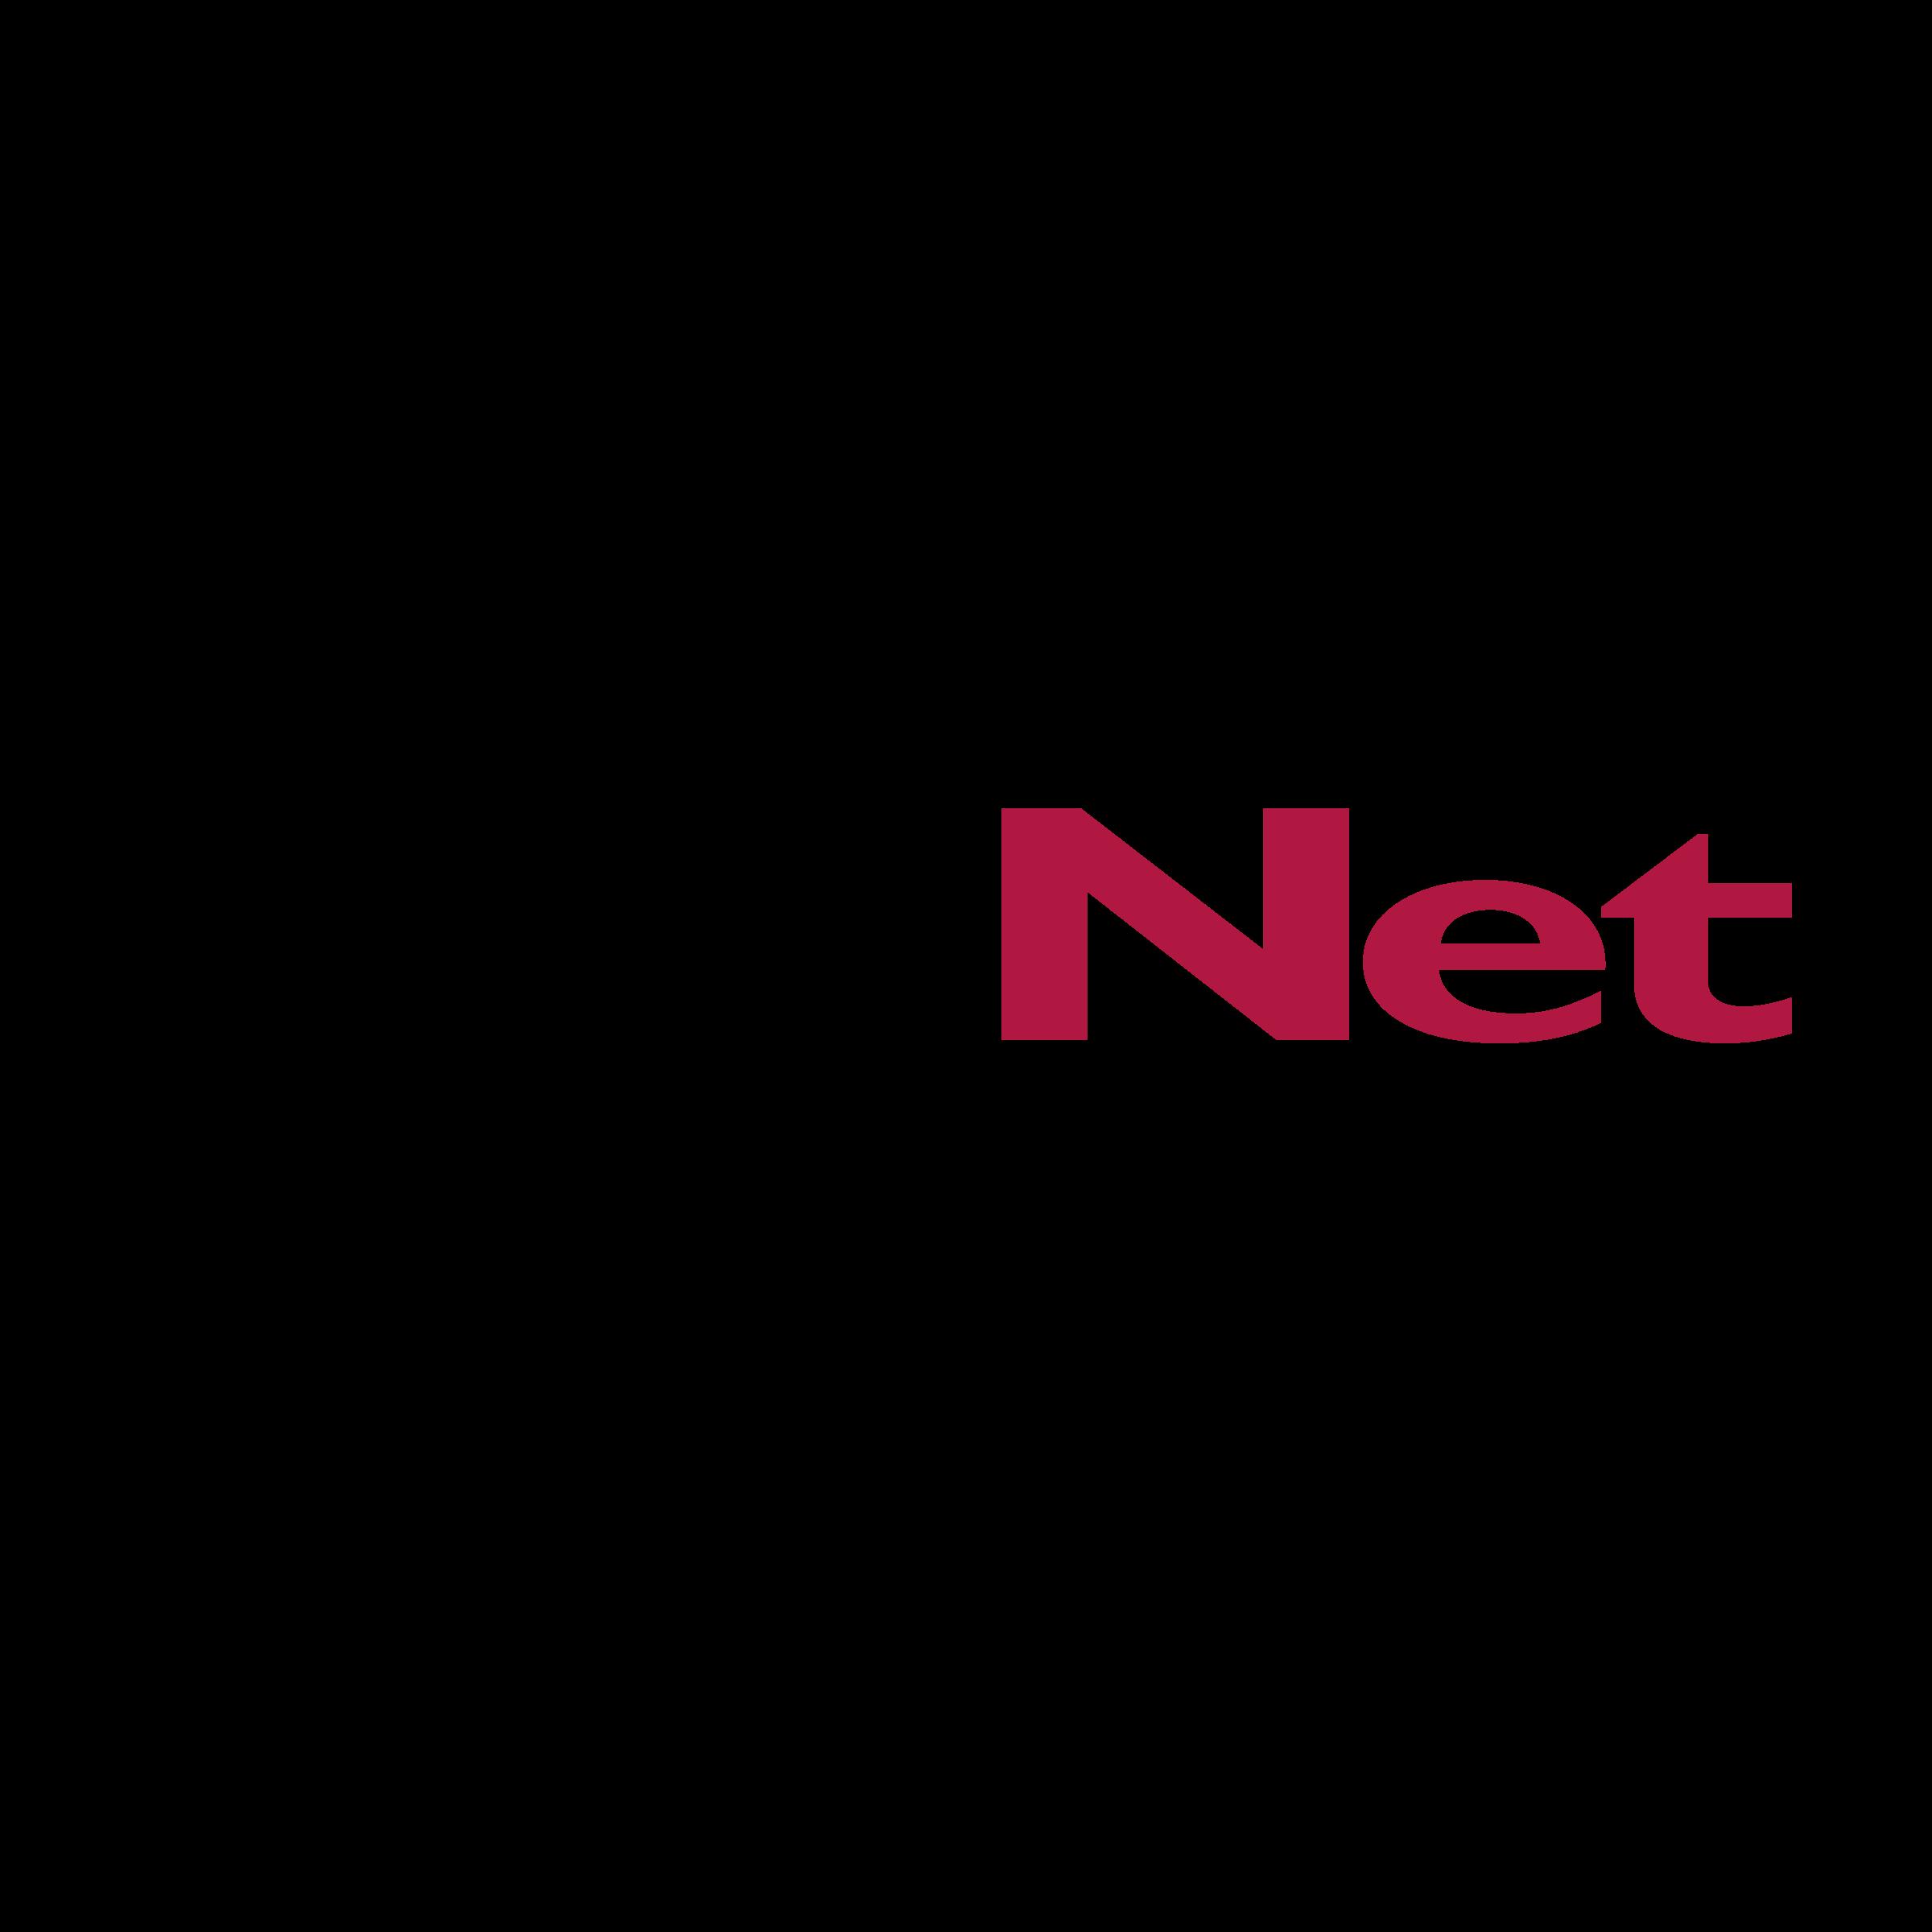 safenet-logo-png-transparent.png